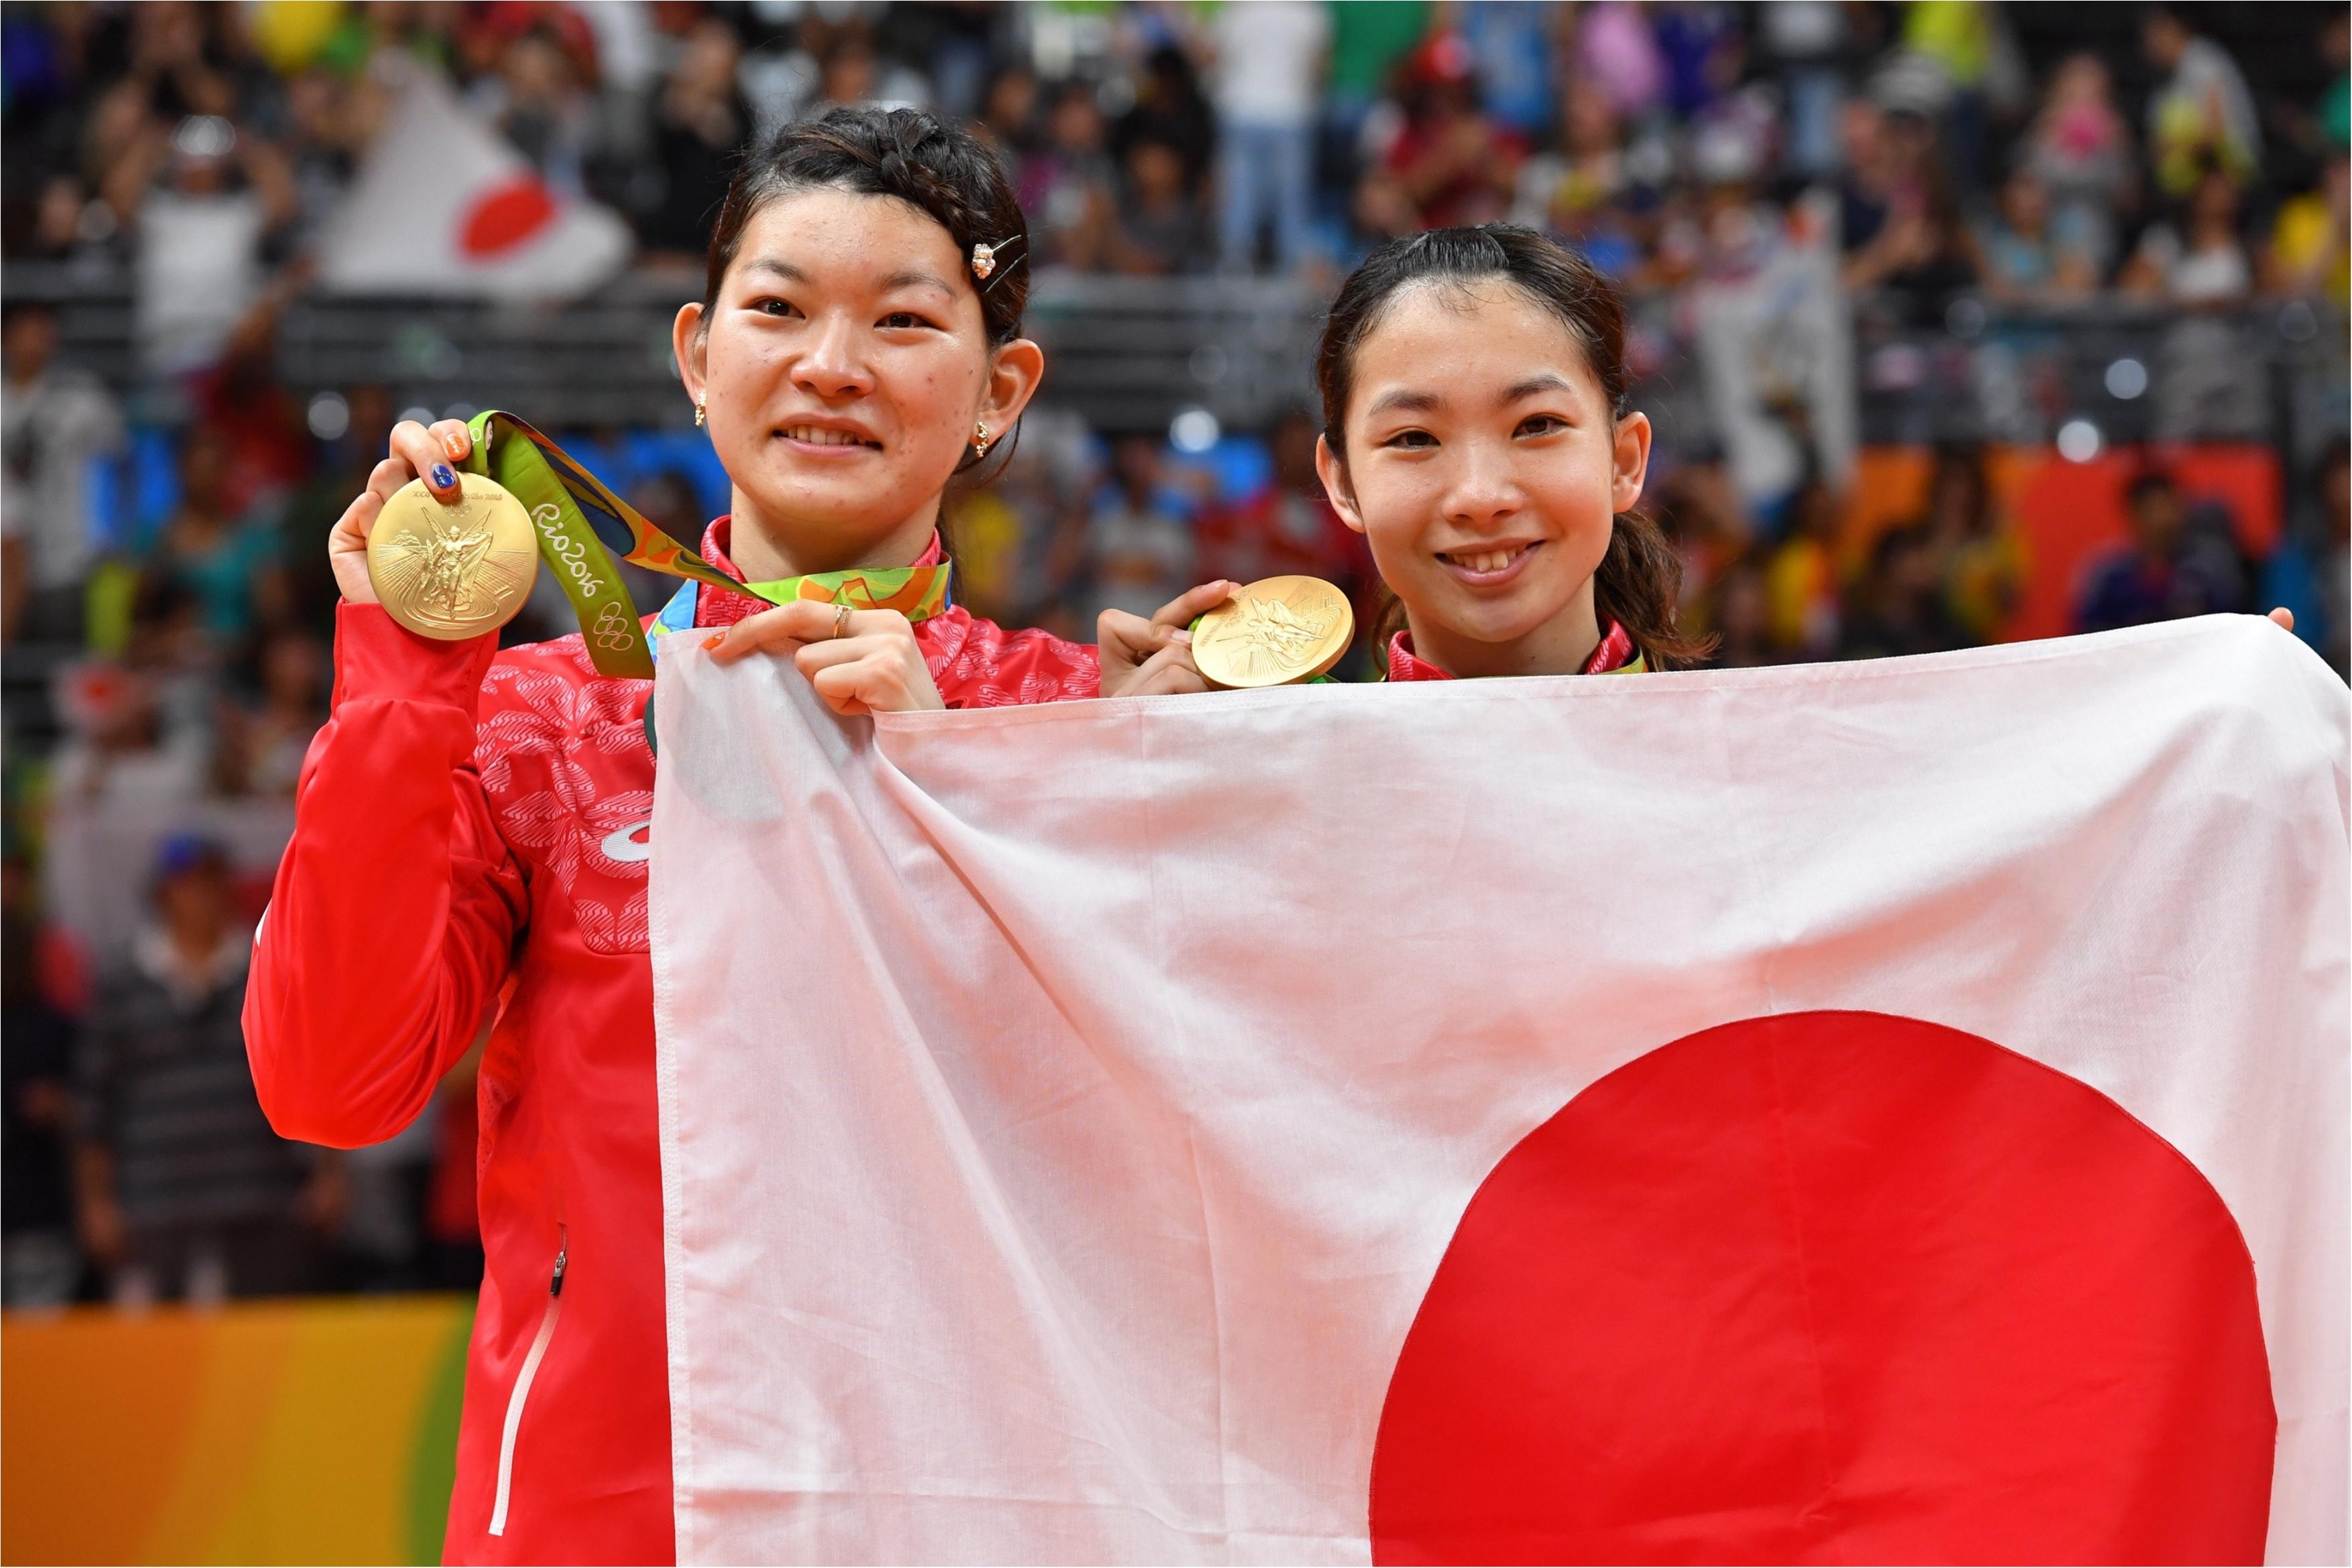 タカマツペア金メダルおめでとう!! 生で観た日本バドミントン史上初の瞬間と、本当に重かった金メダル!_1